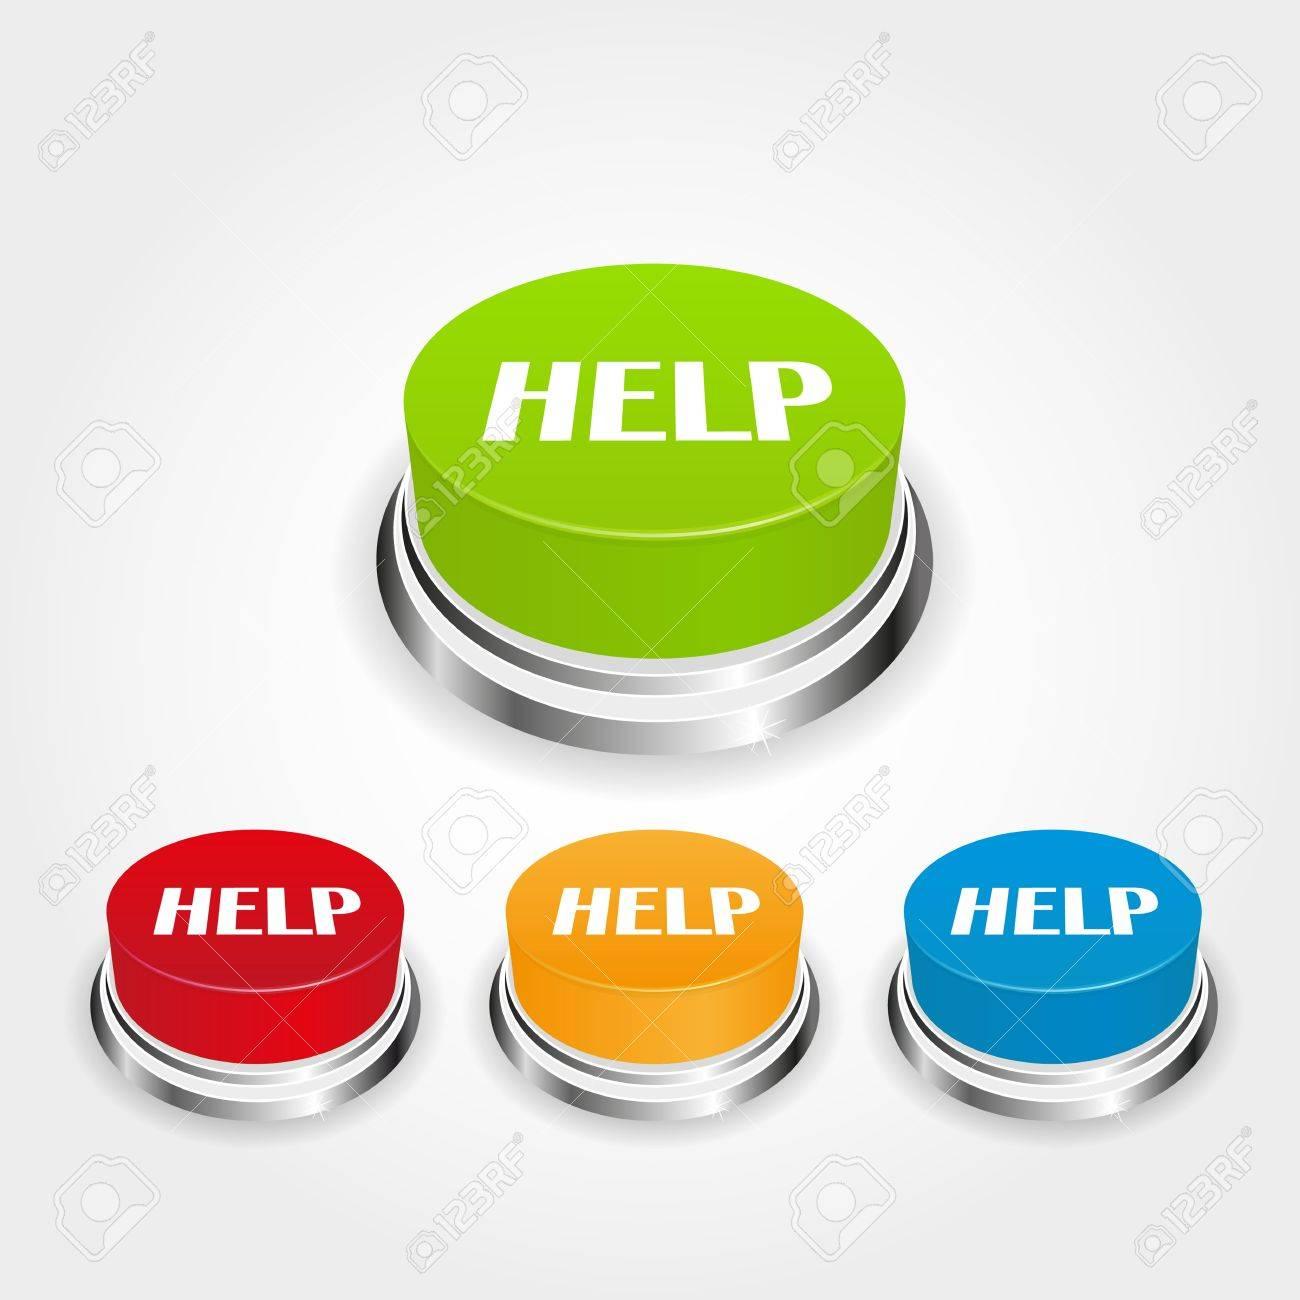 help button Stock Vector - 13433114